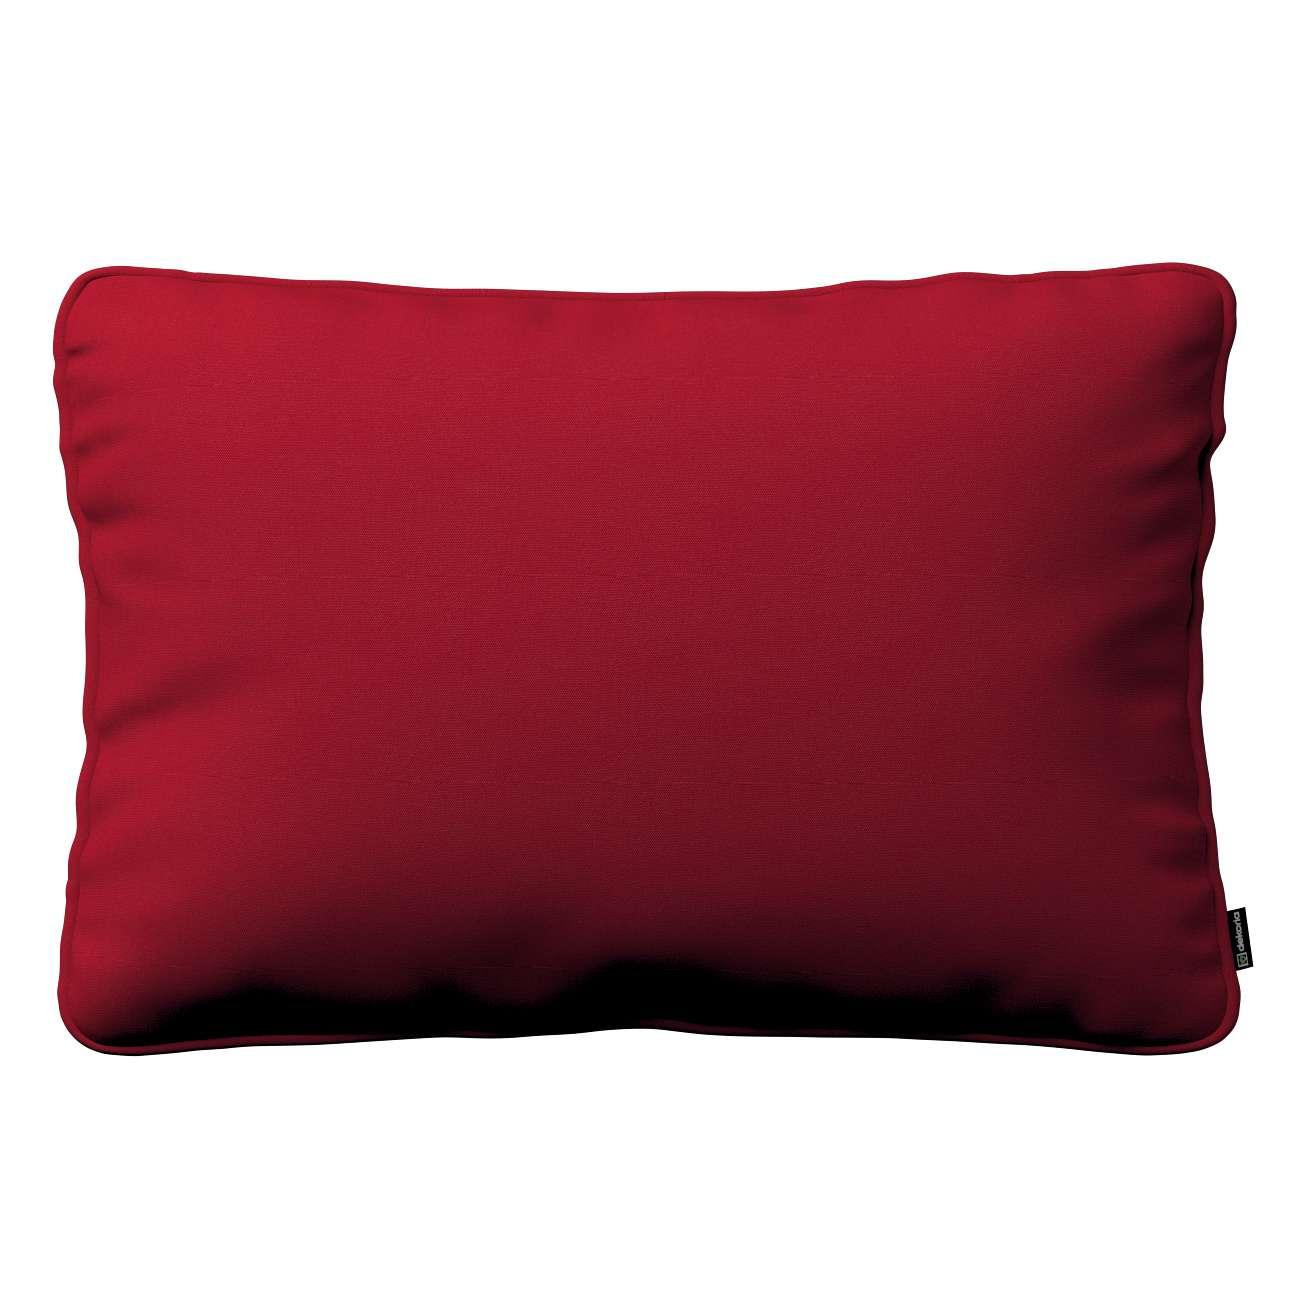 Poszewka Gabi na poduszkę prostokątna 60 x 40 cm w kolekcji Etna , tkanina: 705-60